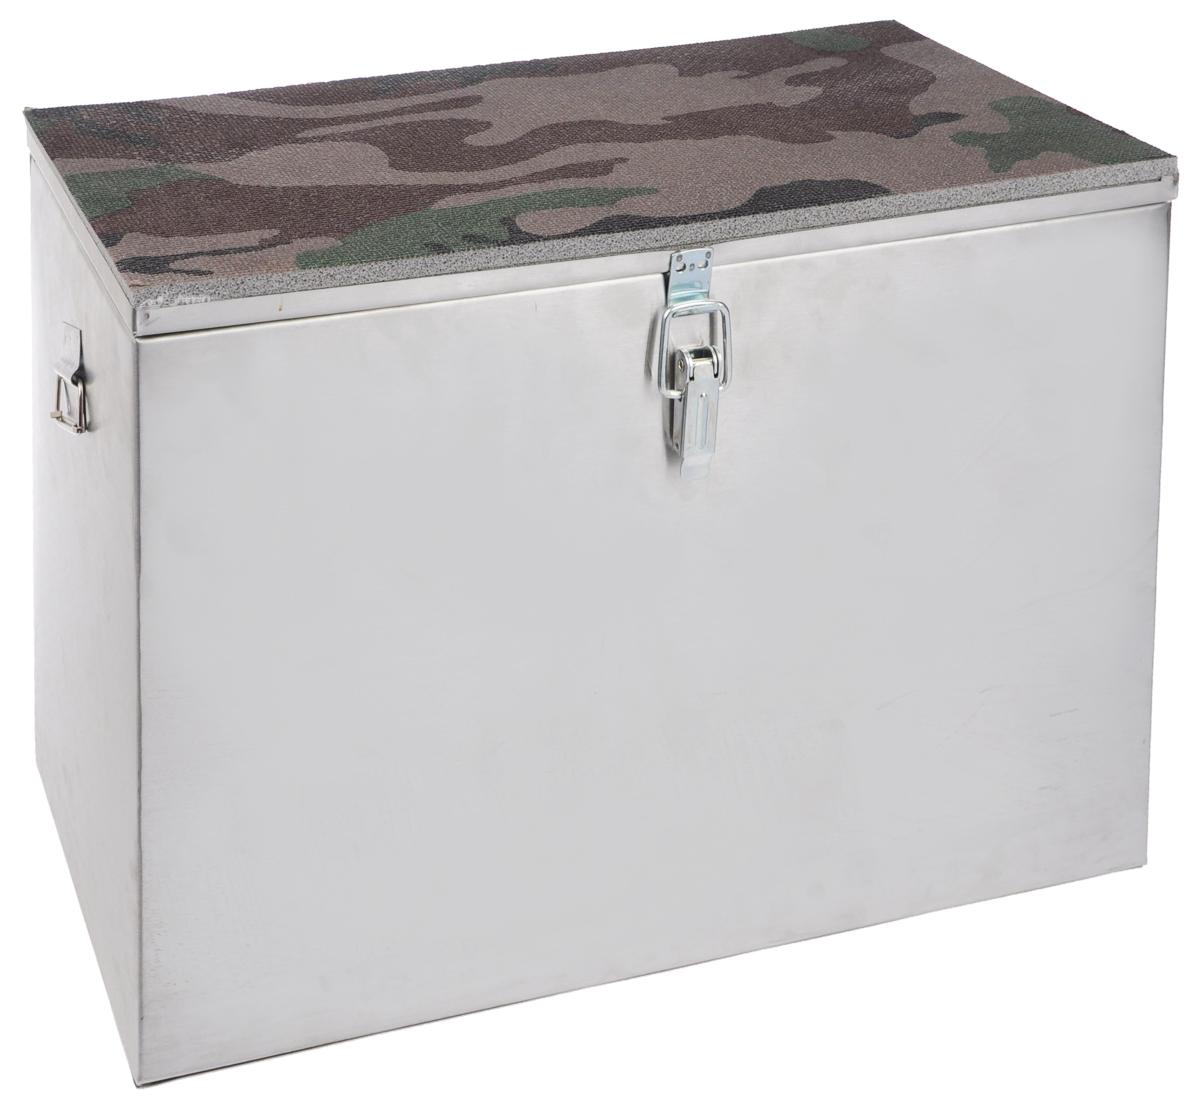 Ящик рыболова Рост, 40 см х 19 см х 29 см26738Прочный и надежный ящик Рост сможет не один год прослужить любителю зимней рыбалки для транспортировки снастей и улова. Корпус изготовлен из листовой оцинкованной стали. Служащая сиденьем верхняя часть крышки оклеена плотным теплоизолятором - пенополиэтиленом с рифленой поверхностью. Внутренний объем ящика разделен перегородкой, придающей конструкции дополнительную жесткость. Боковые стенки емкости снабжены петлями для крепления идущего в комплекте плечевого ремня.